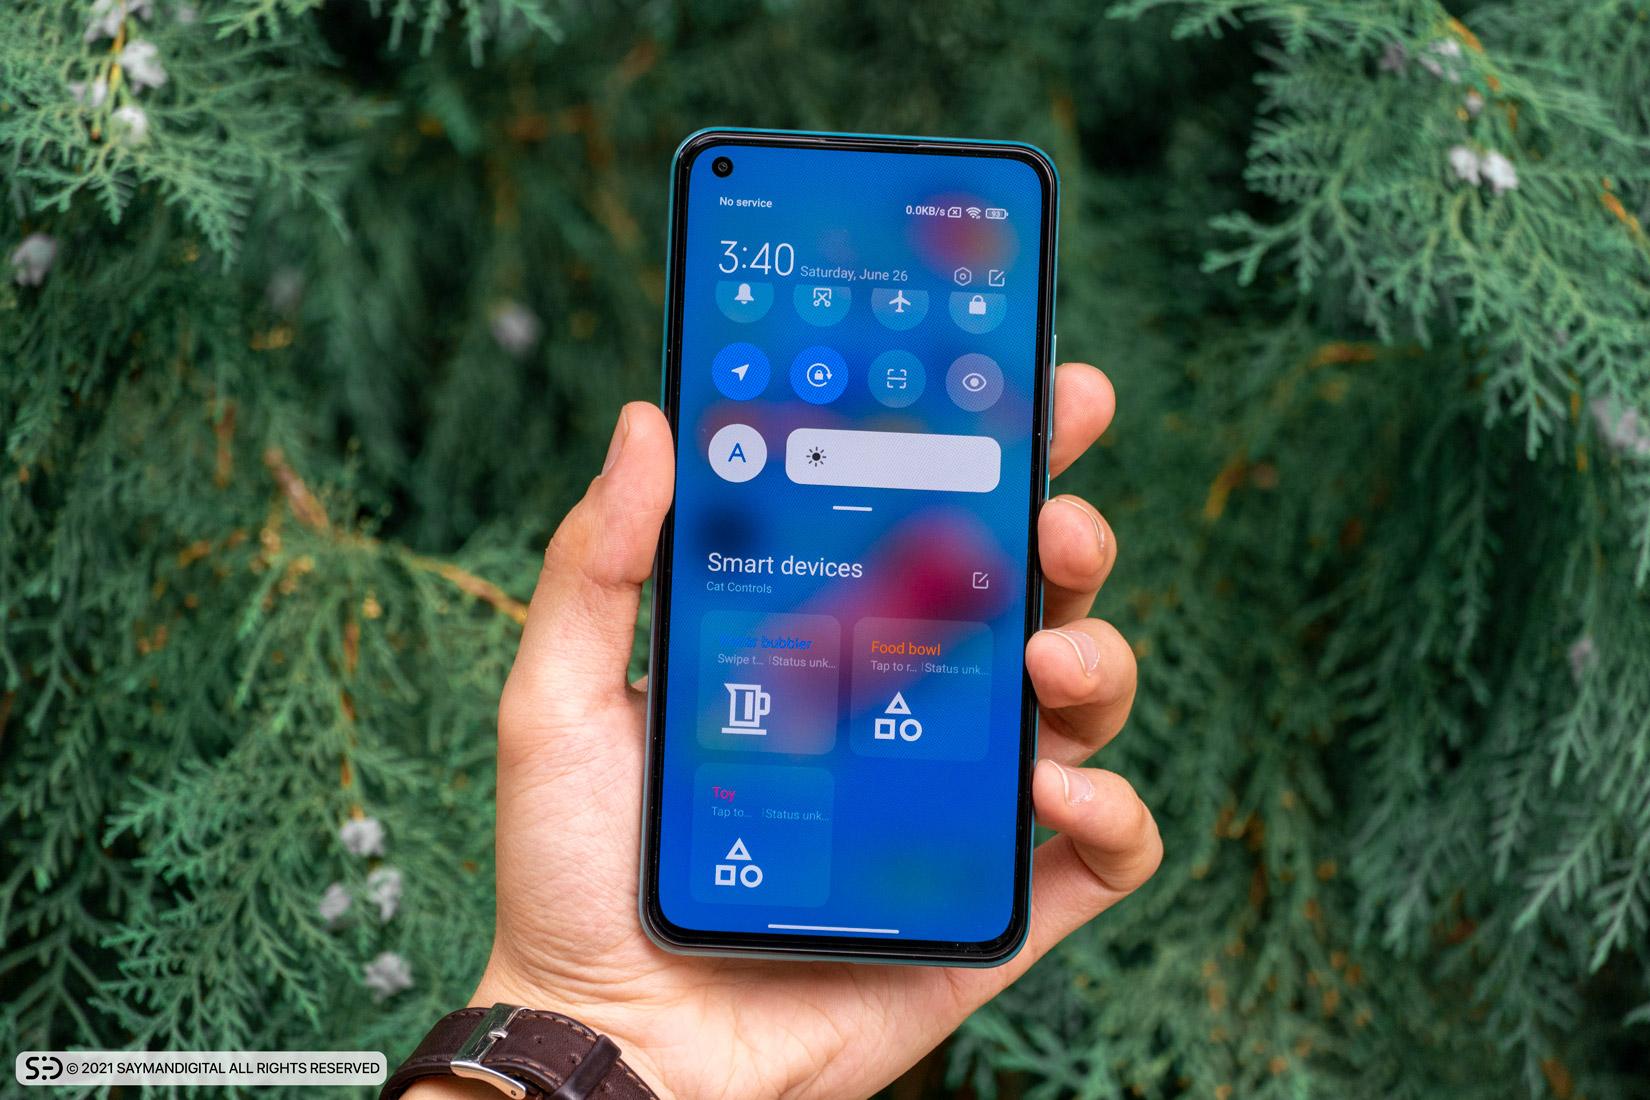 رابط کاربری Miui 12 - mi 11 lite 5G